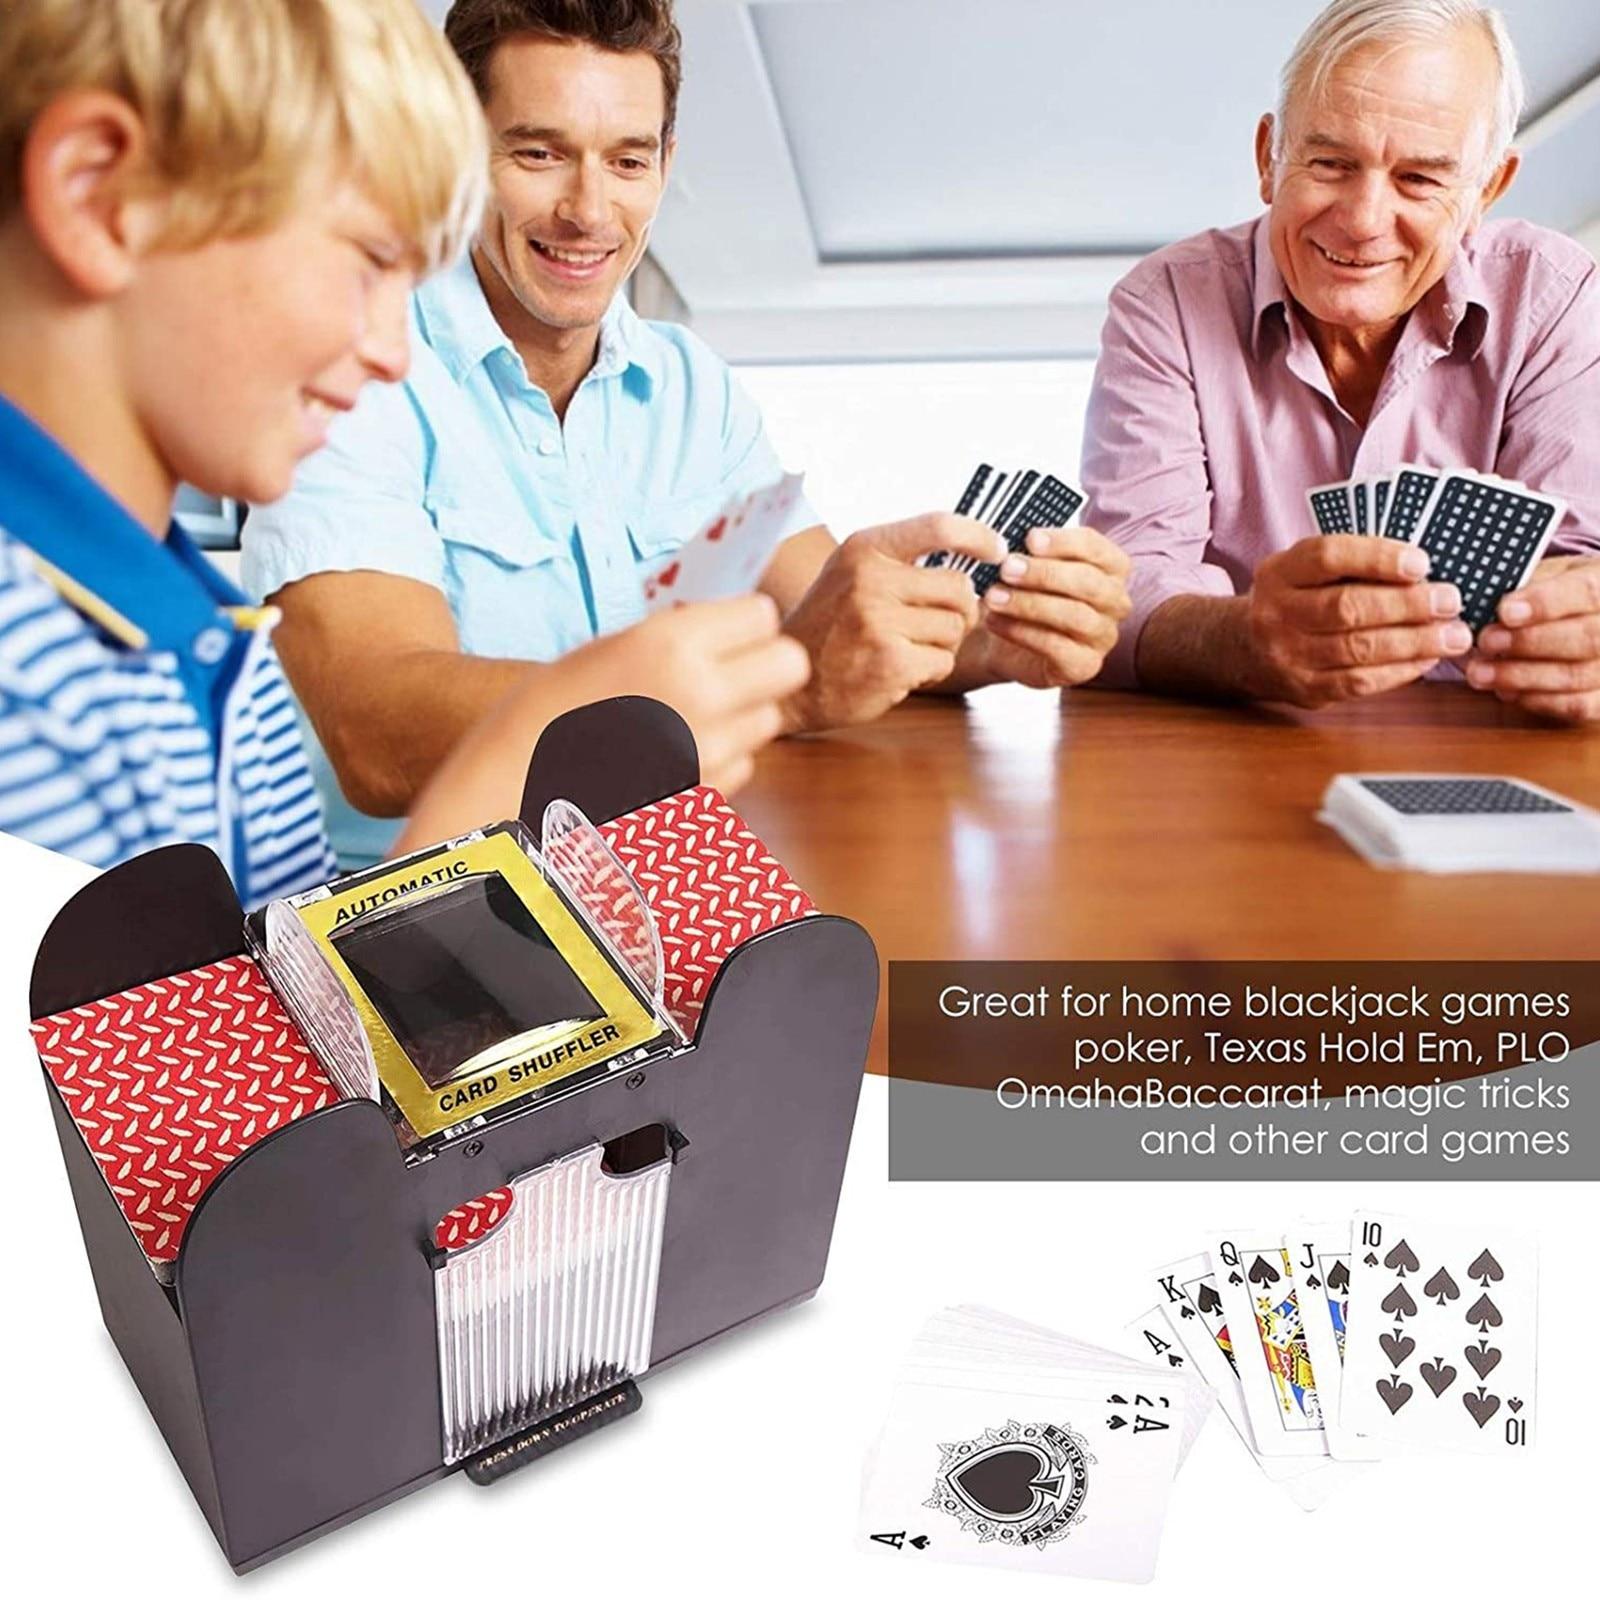 الاسترخاء بطاقة خلاط الكهربائية 6 الطوابق بطارية تعمل بطاقة آلة خلط للحزب ألعاب مضحكة ألعاب متململة لعبة أوتوماتيكية